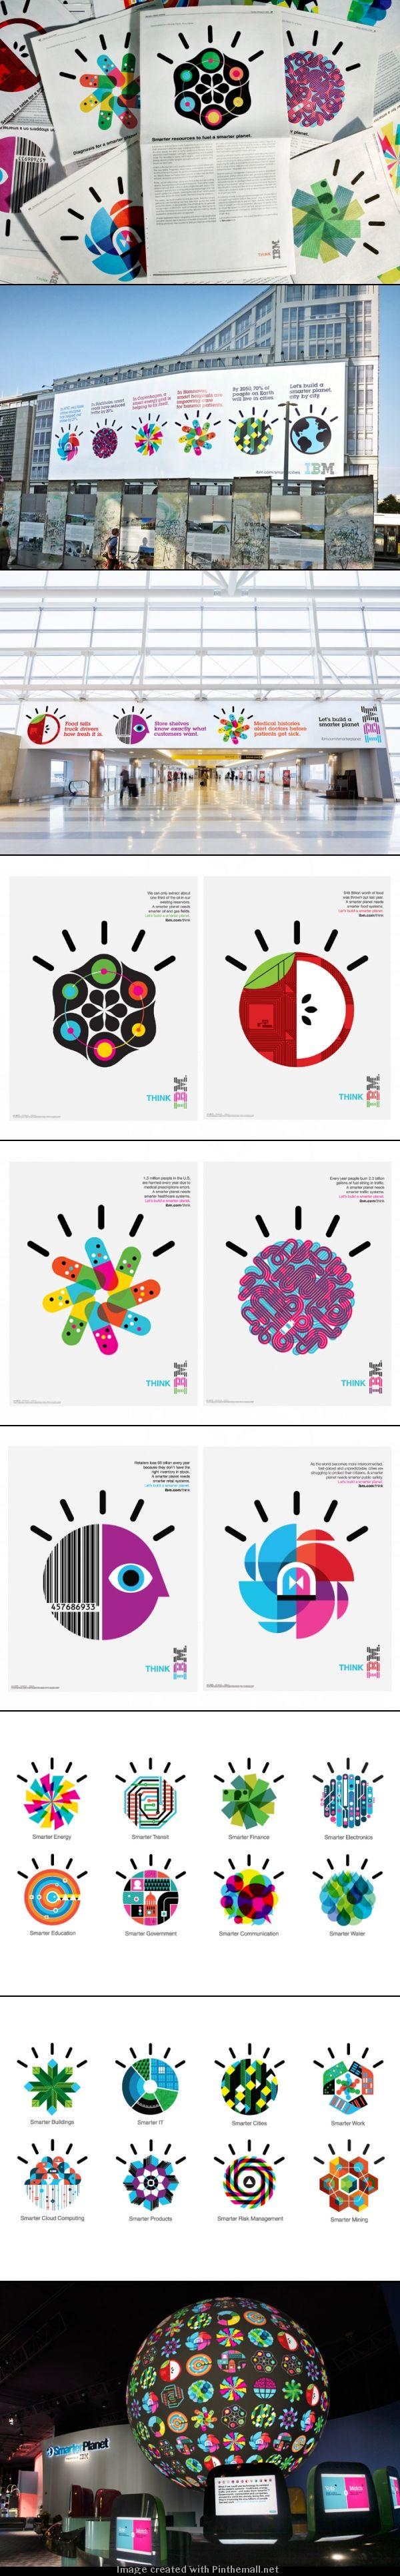 IBM / Designing a Smarter Planet